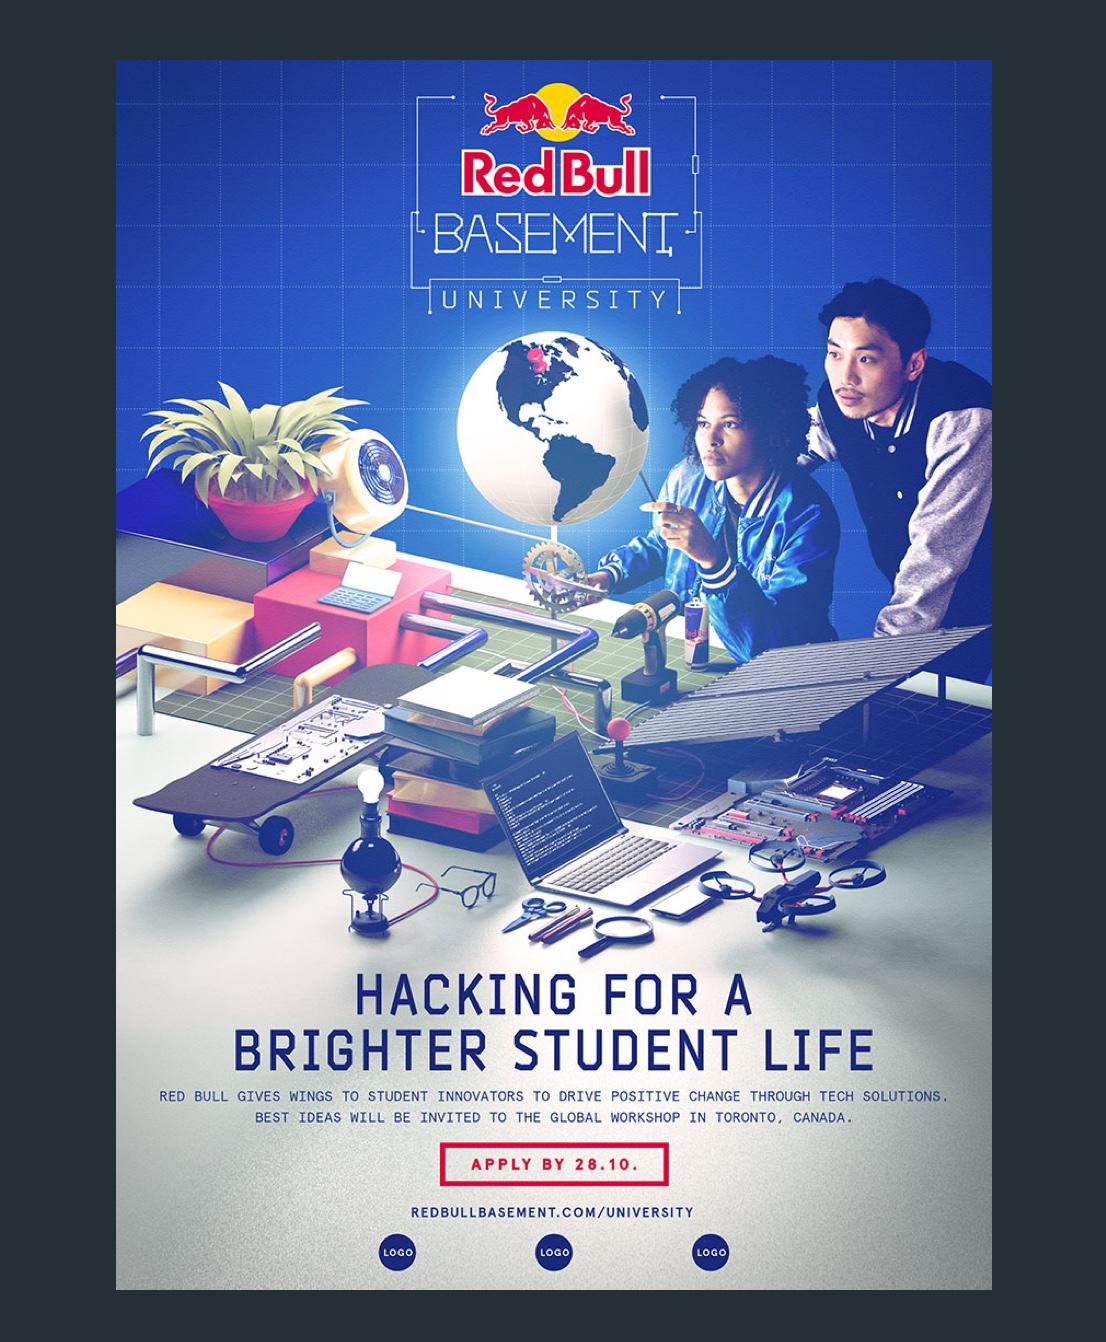 The key visual for Red Bull Basement University